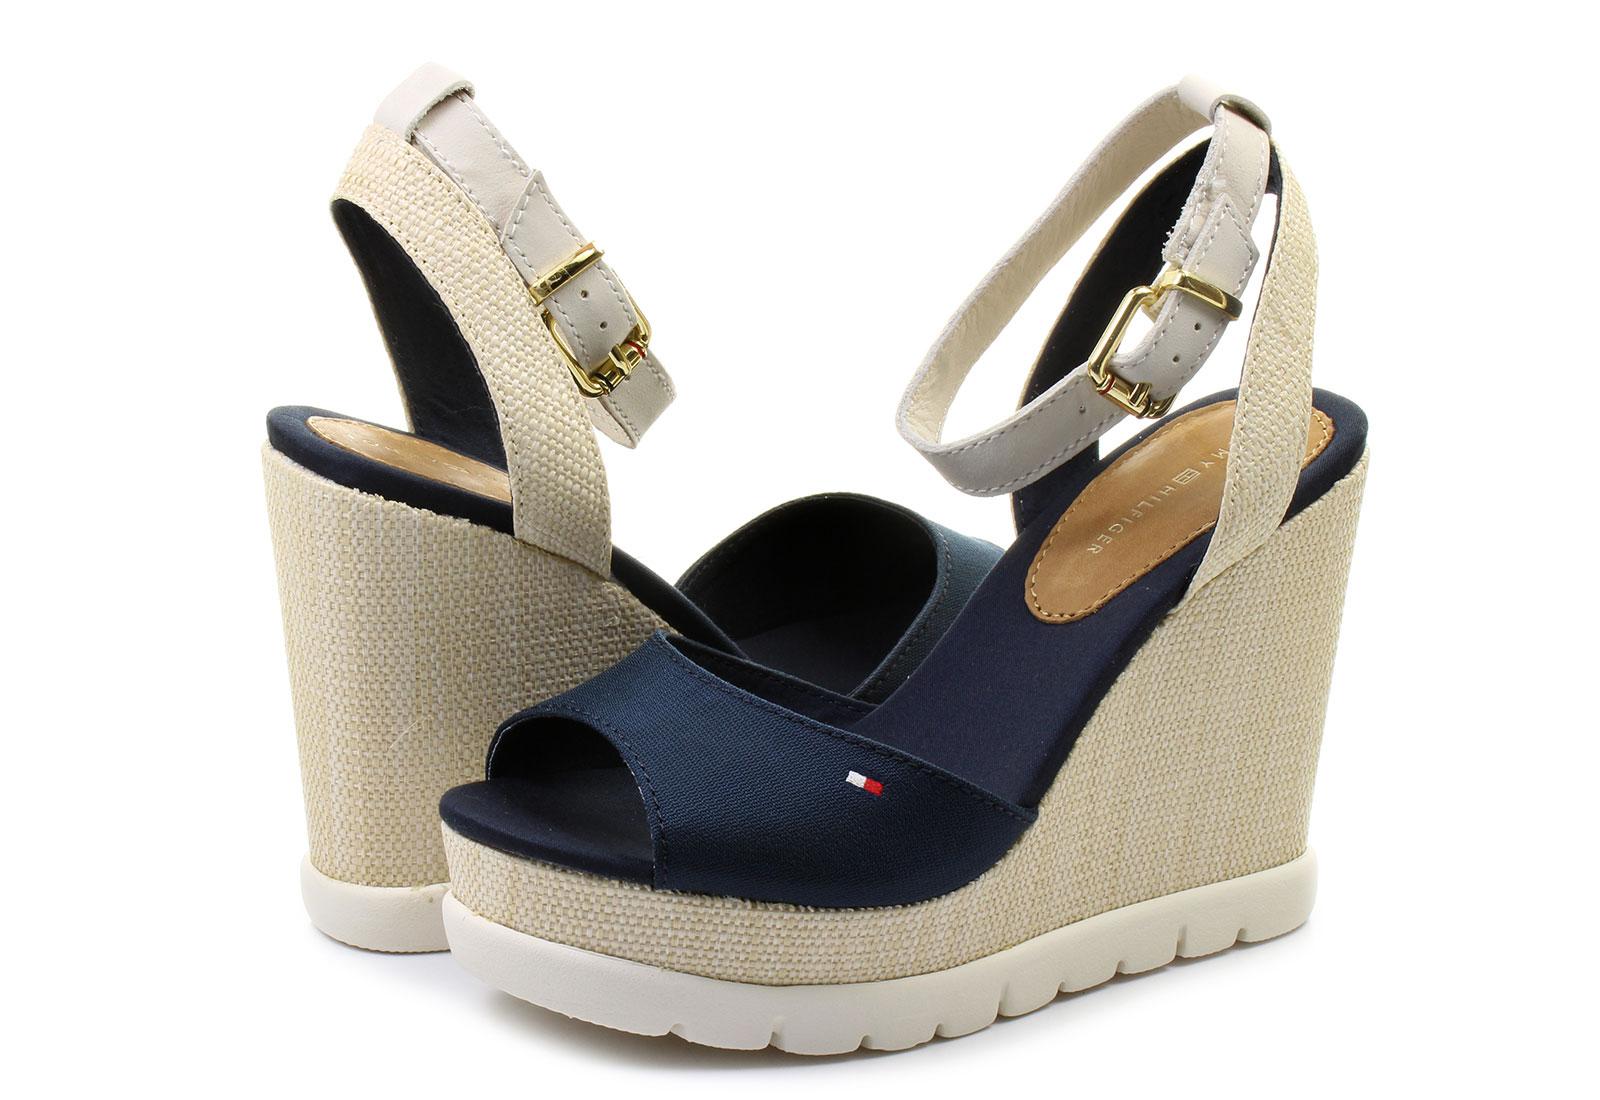 Valenzia Shoes Online